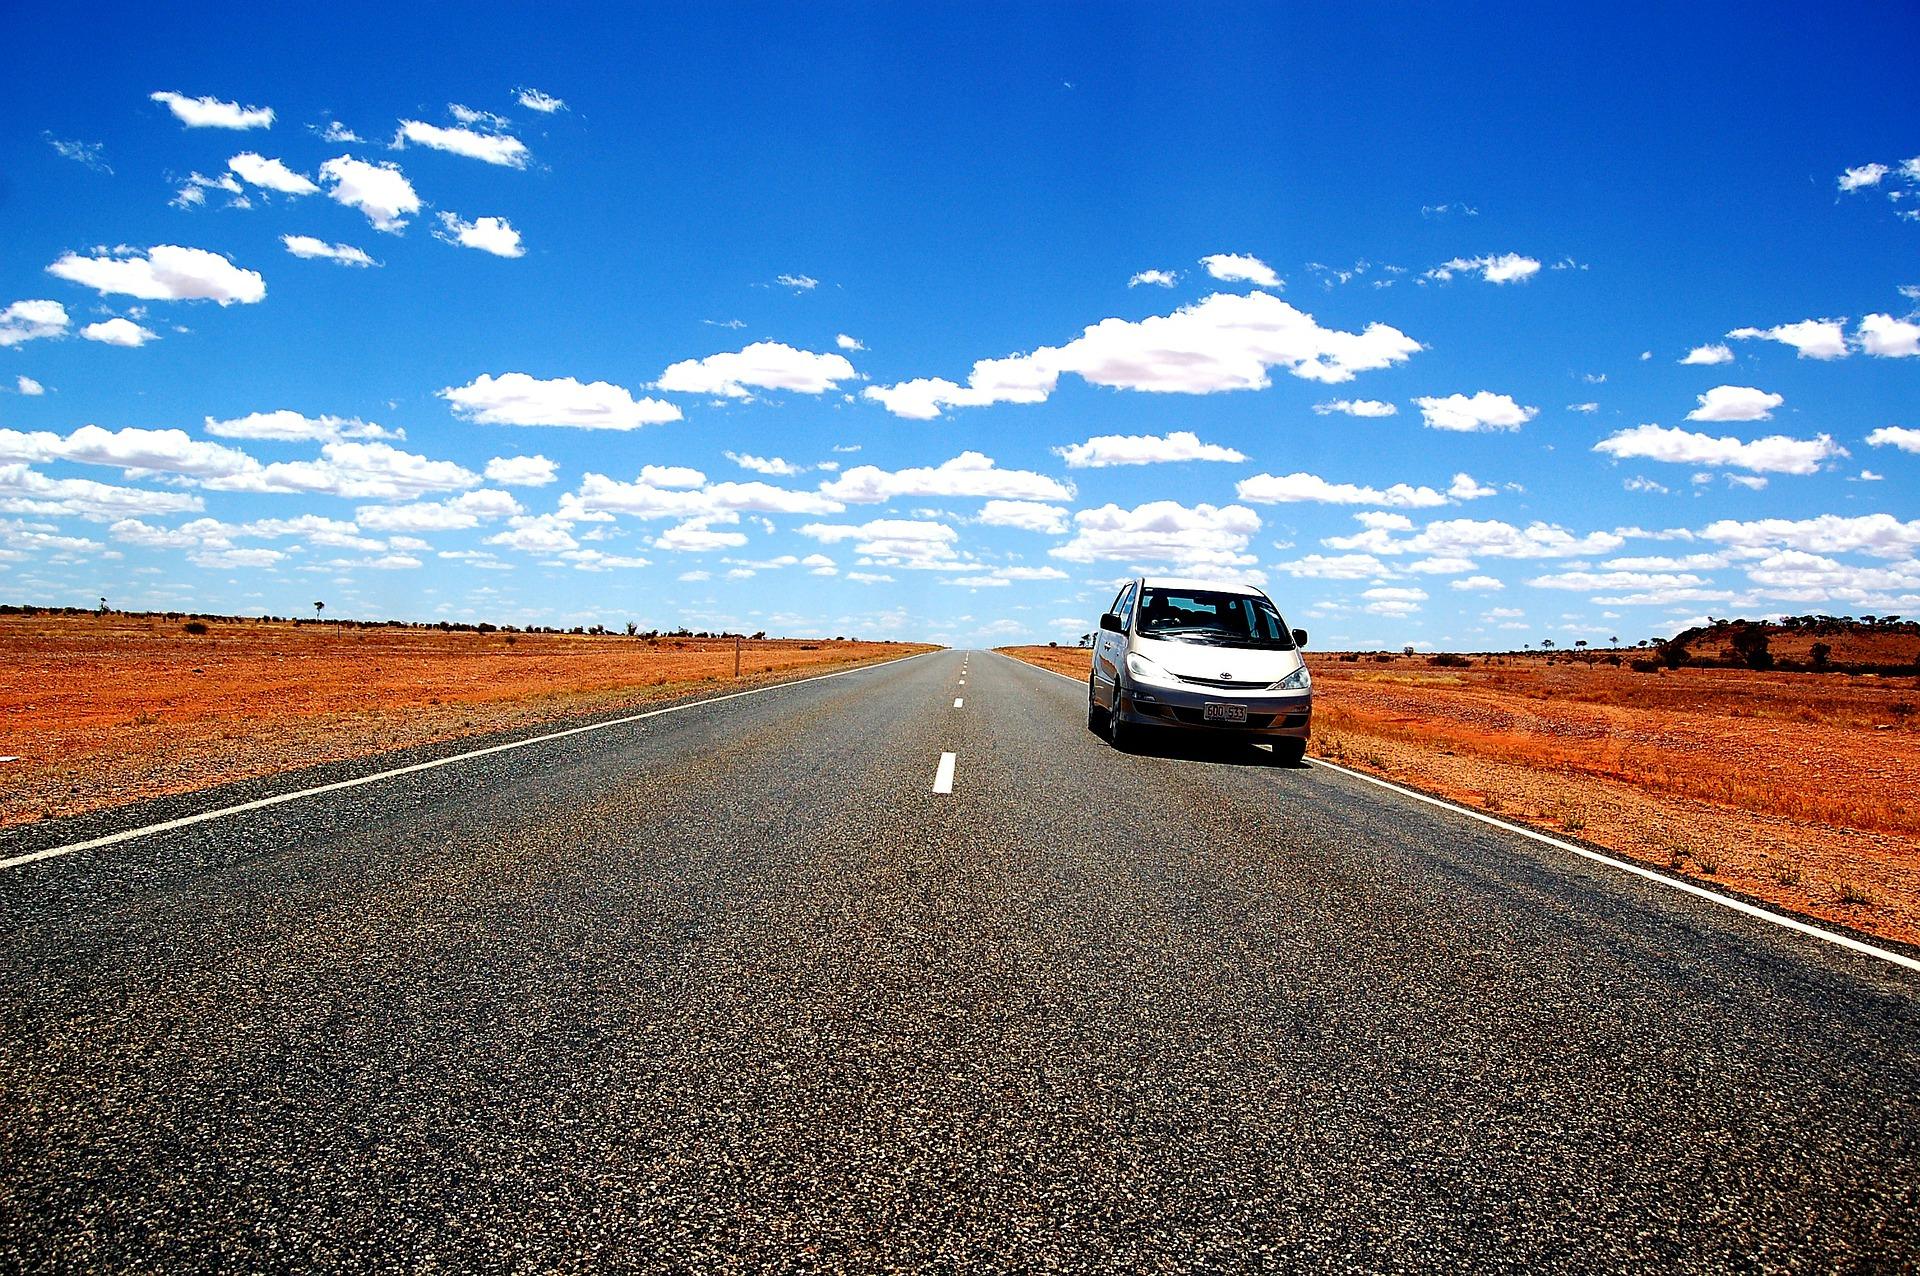 Trucs et astuces pour louer une voiture sans surprises